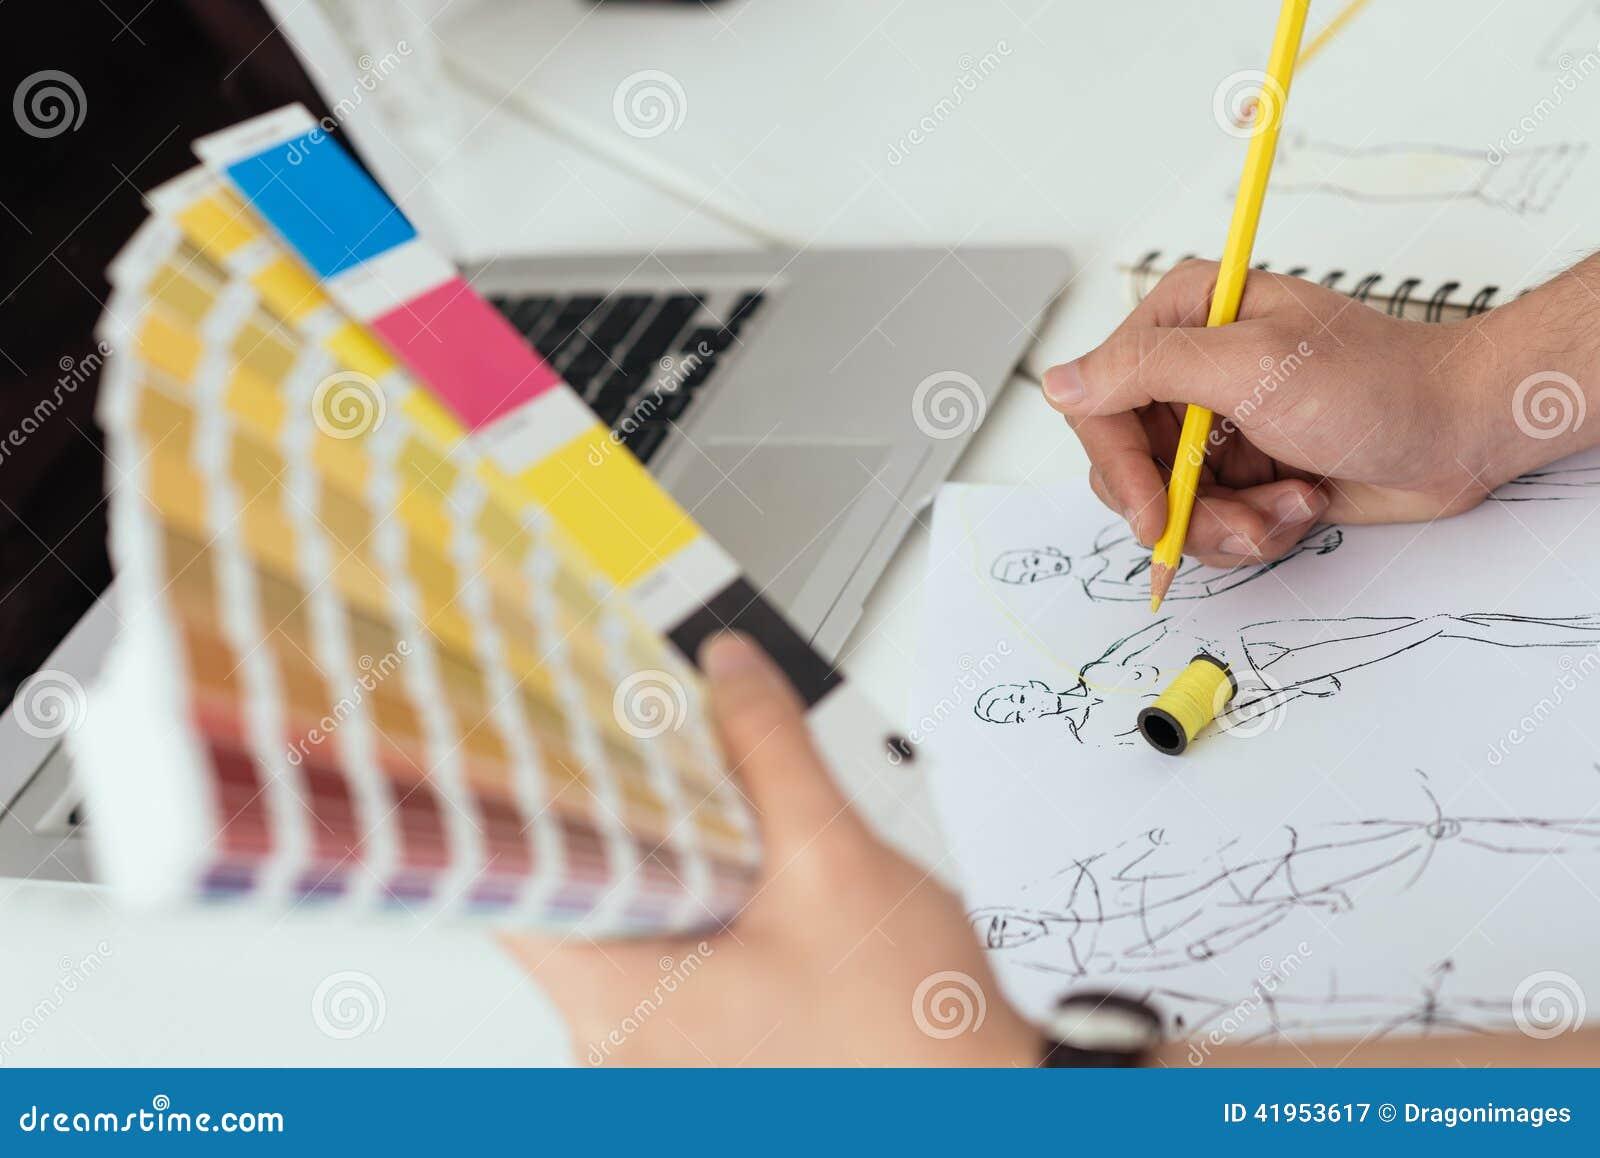 Charakterystyczny kolor druku prasy przemysłu obrazu pre próbki